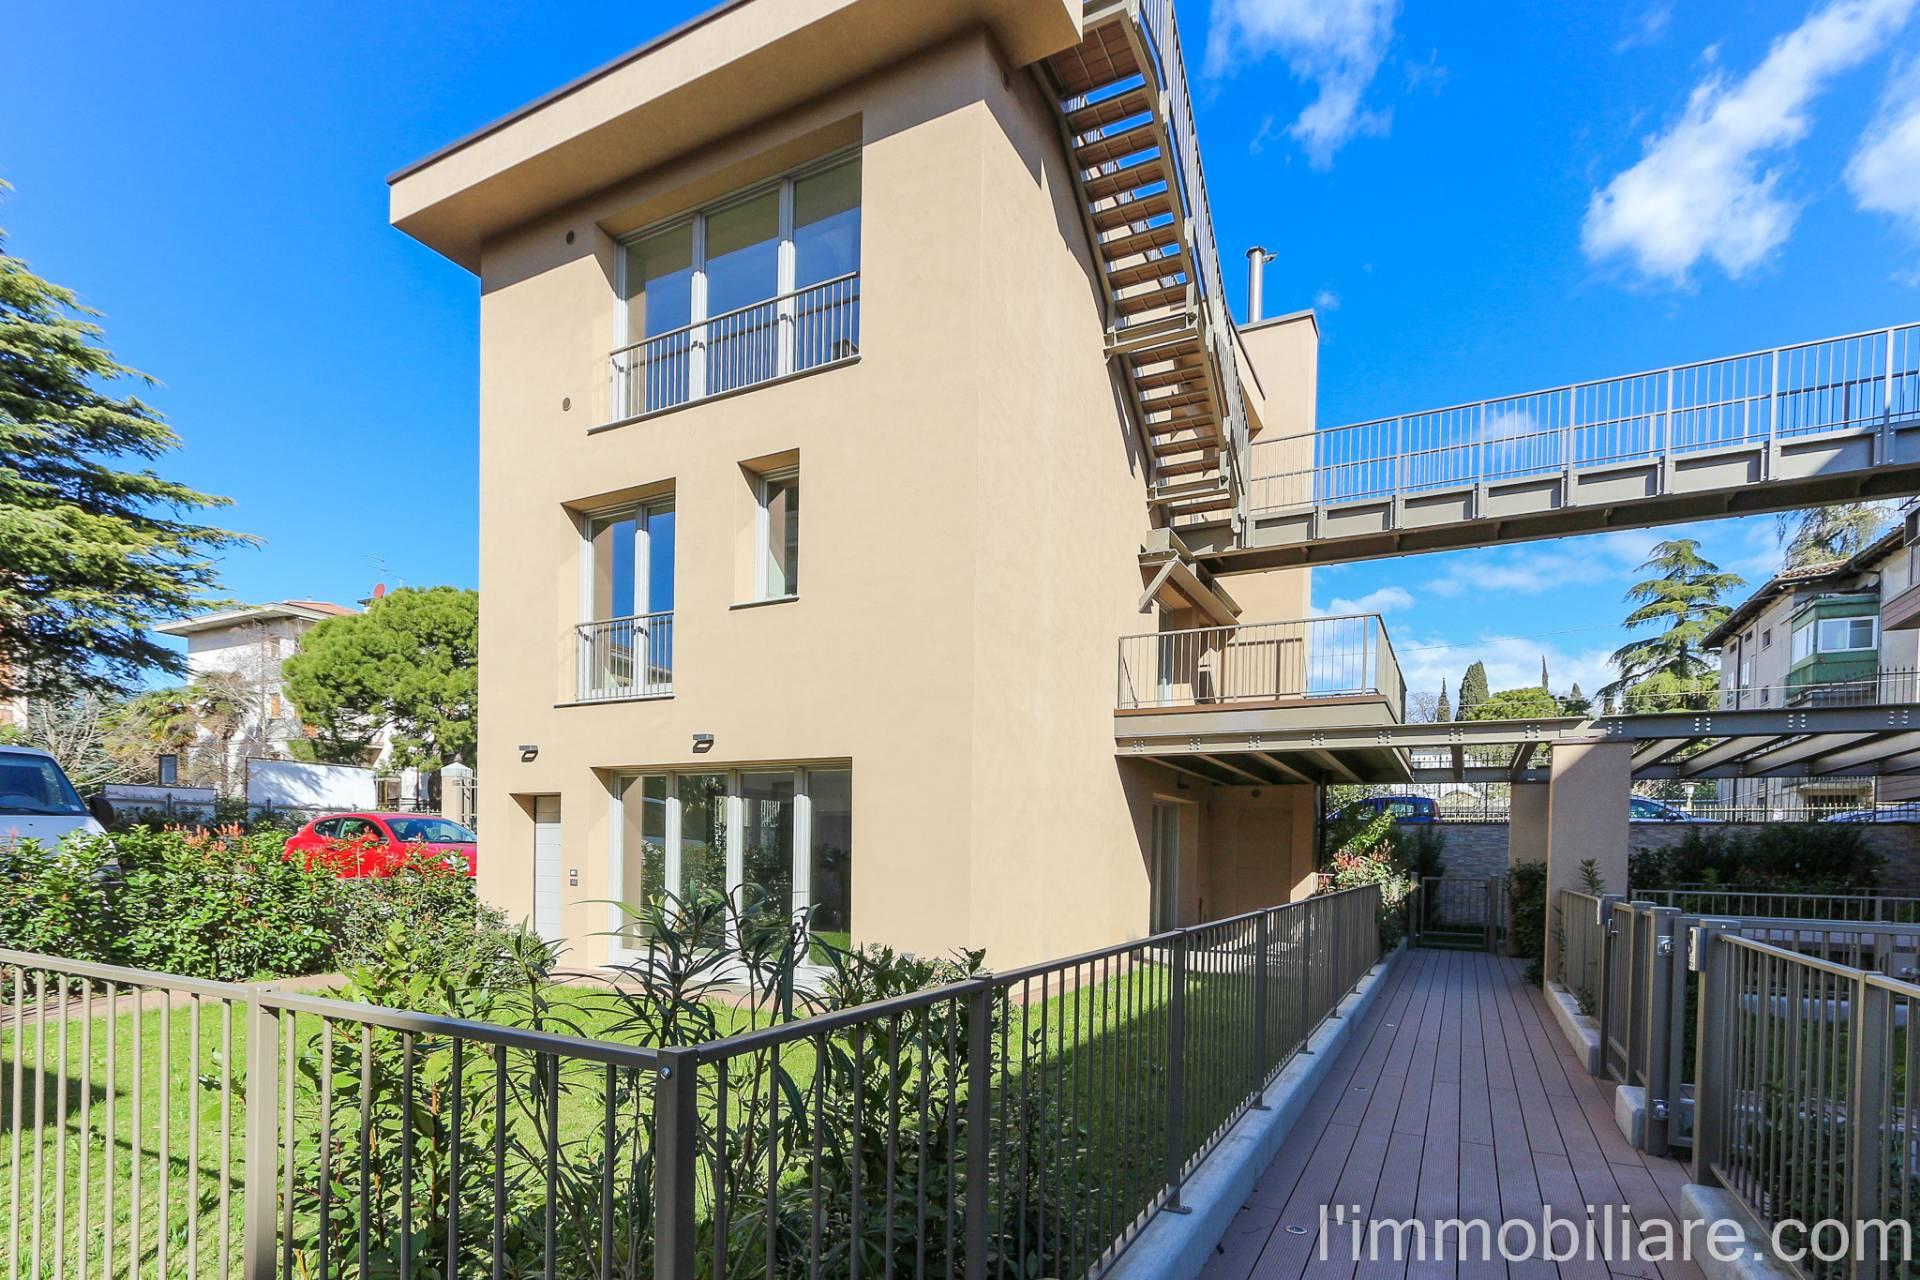 Villa in Vendita a Verona Semicentro Nord: 5 locali, 192 mq